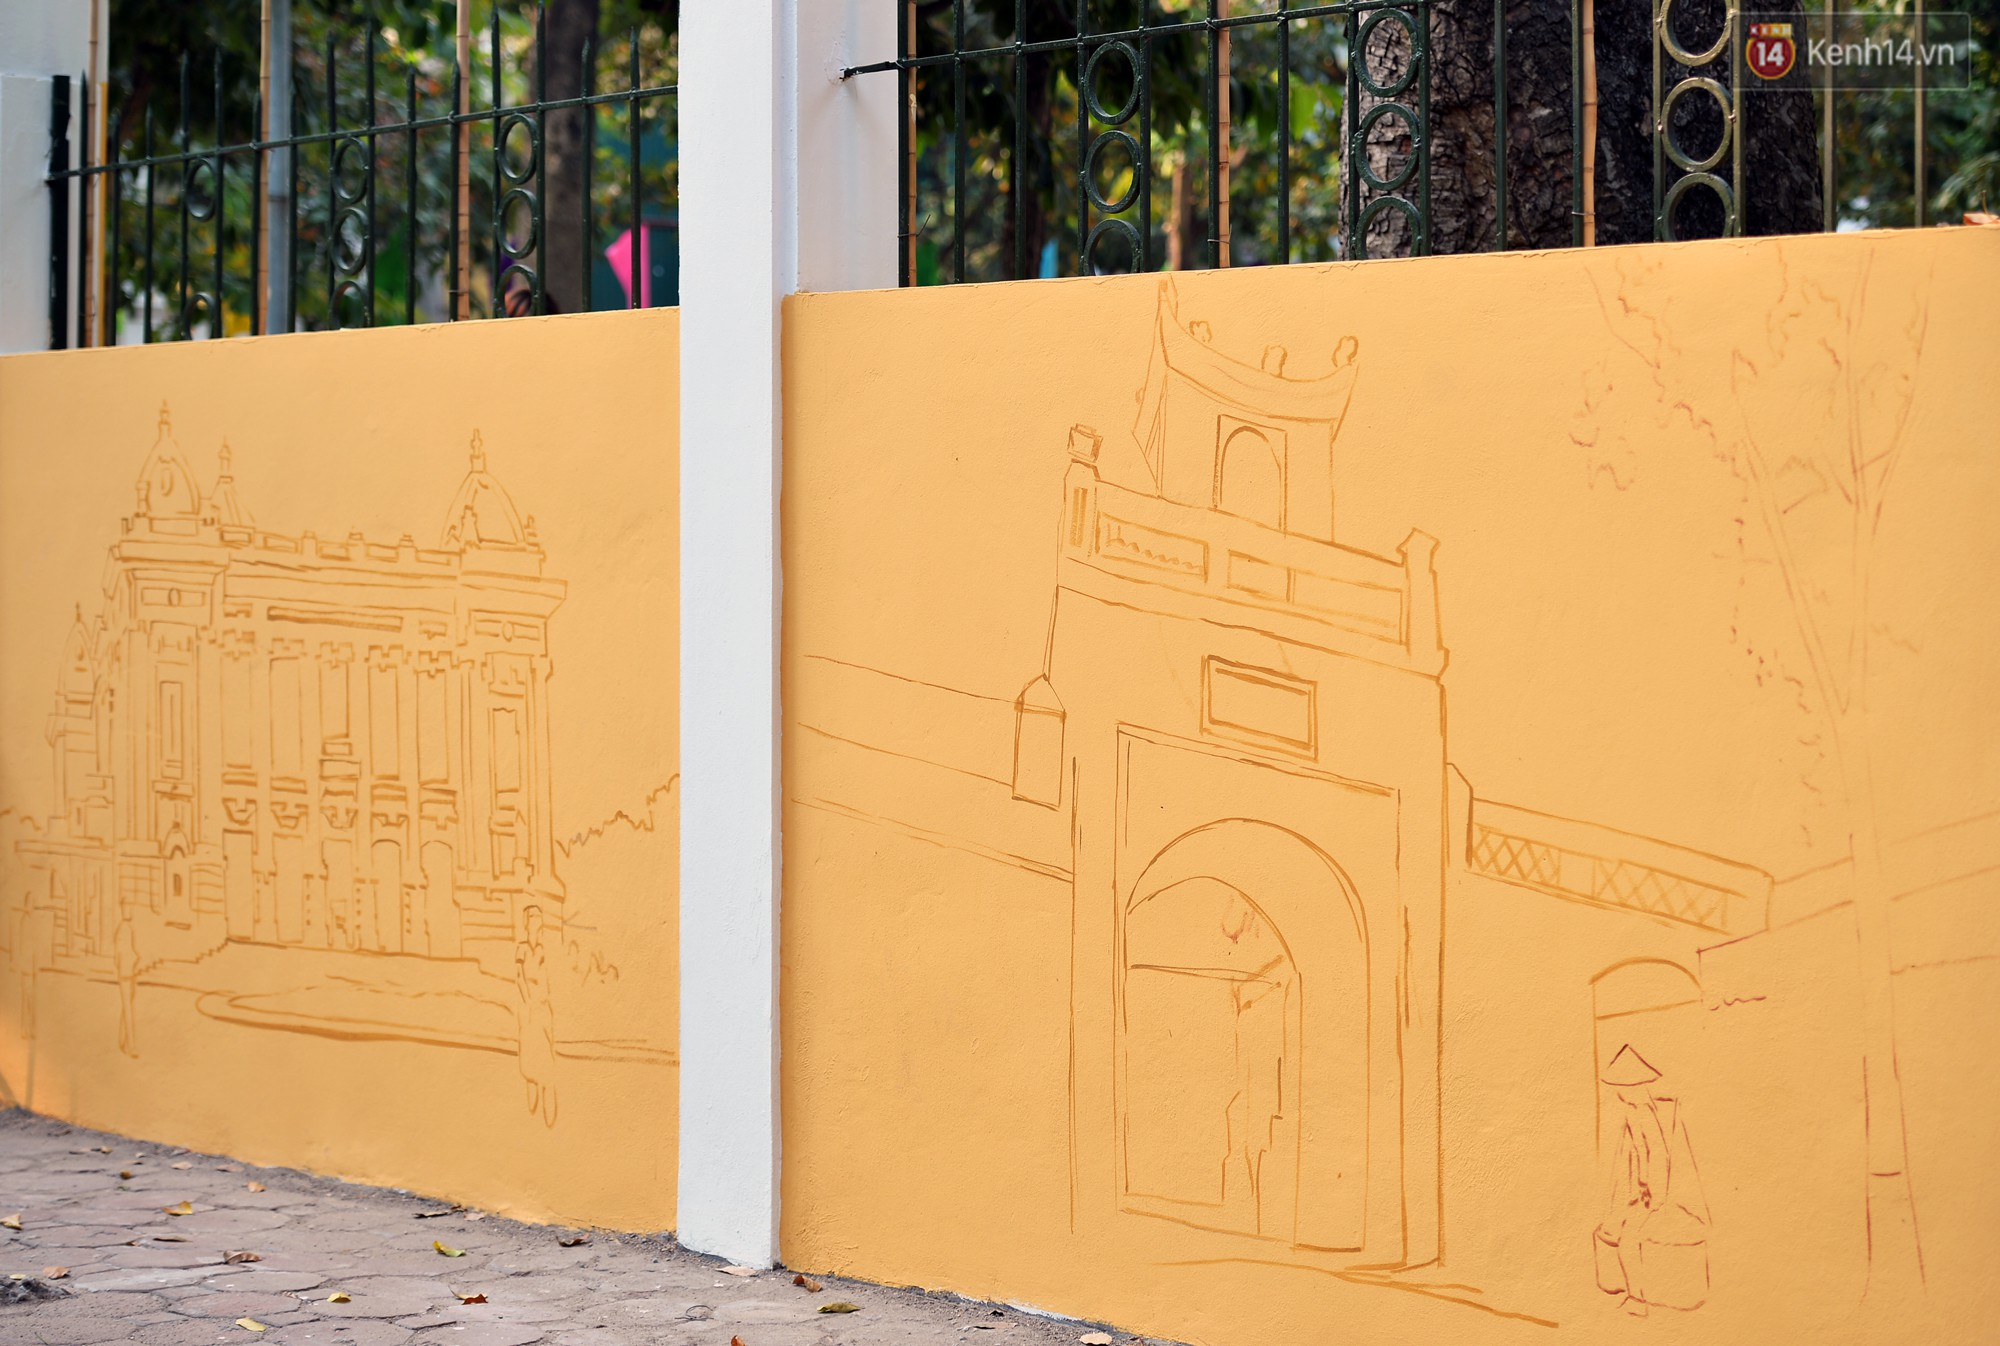 Dãy tường rào cũ kỹ trước cổng trường Phan Đình Phùng được khoác áo mới thành con đường bích họa siêu lãng mạn về Hà Nội xưa - Ảnh 13.